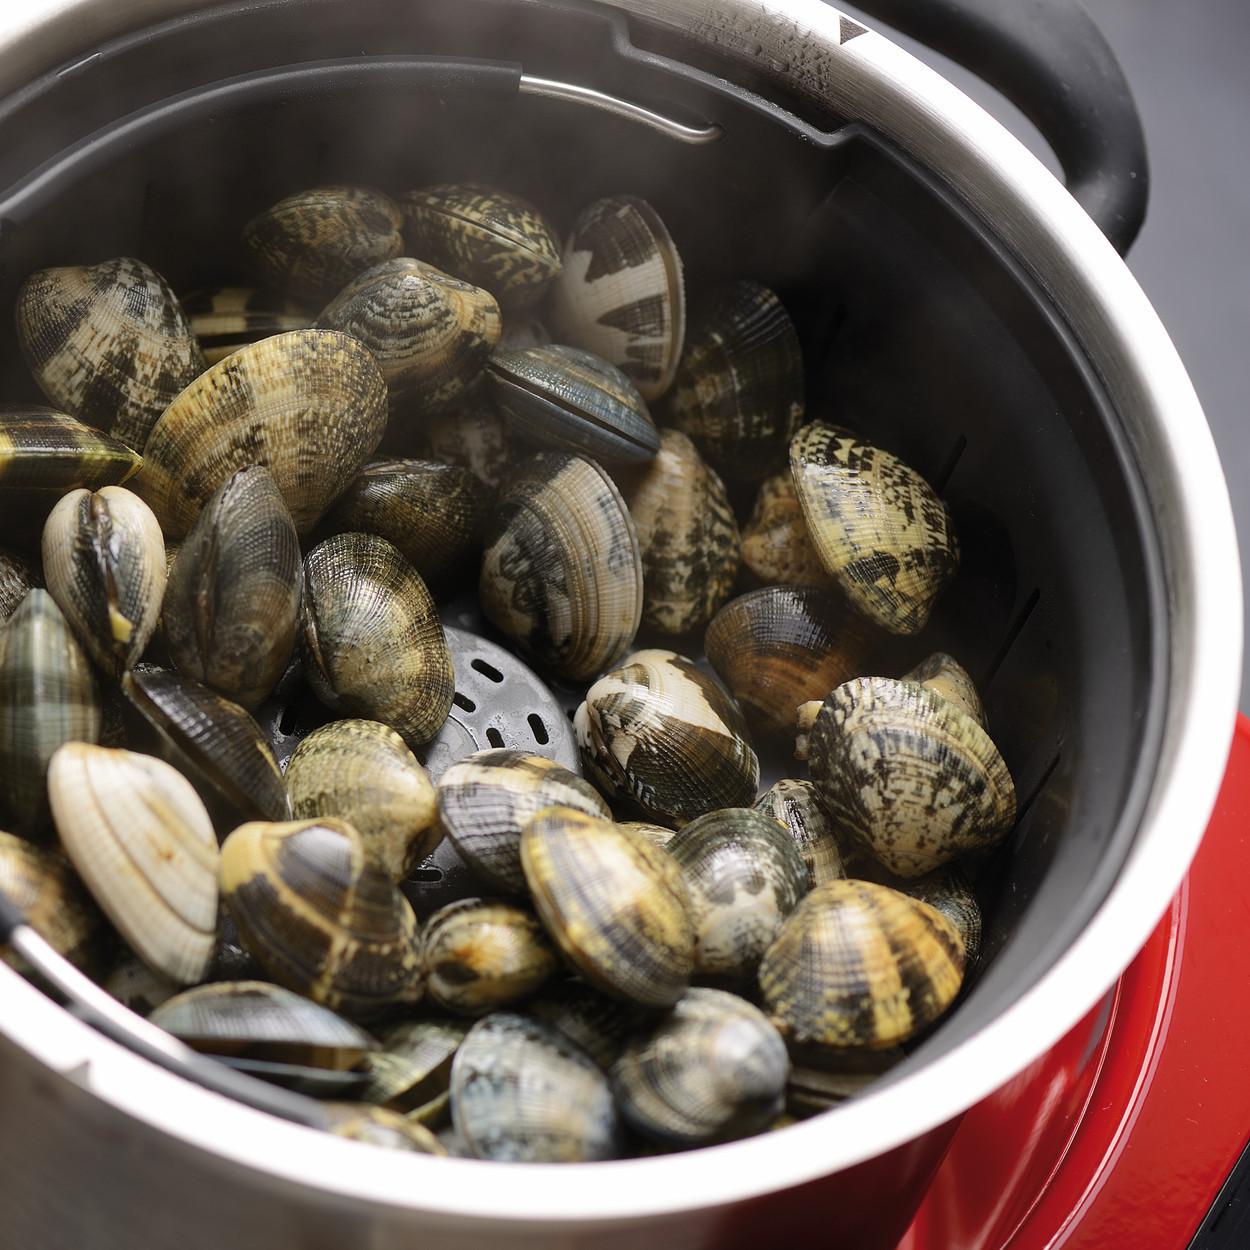 KitchenAid Artisan Cook Processor Gusseisen Schwarz Muscheln kochen